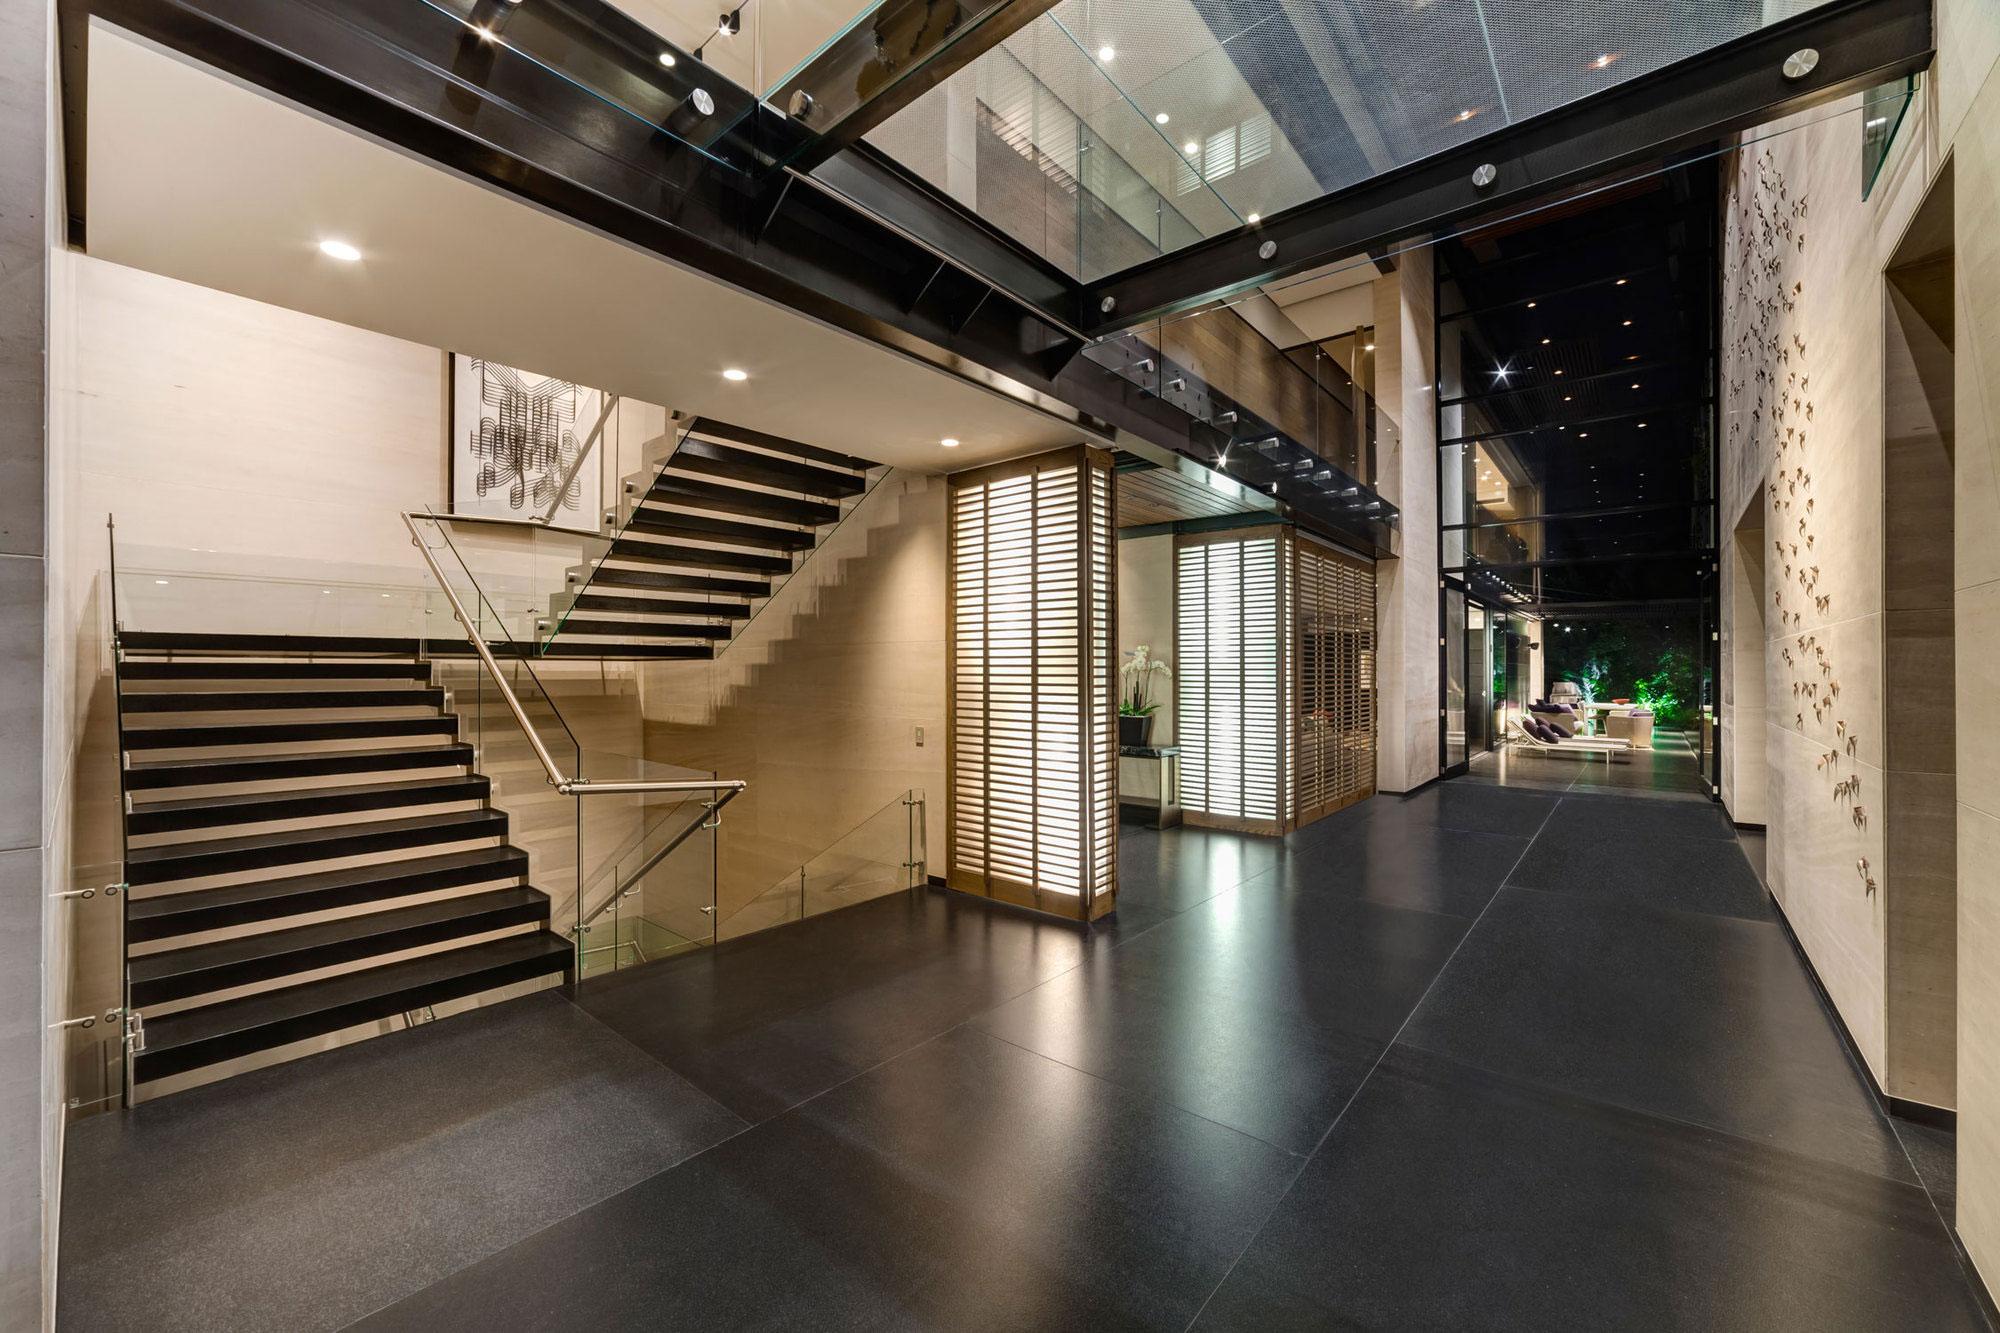 Dalias House grupoarquitectura-24